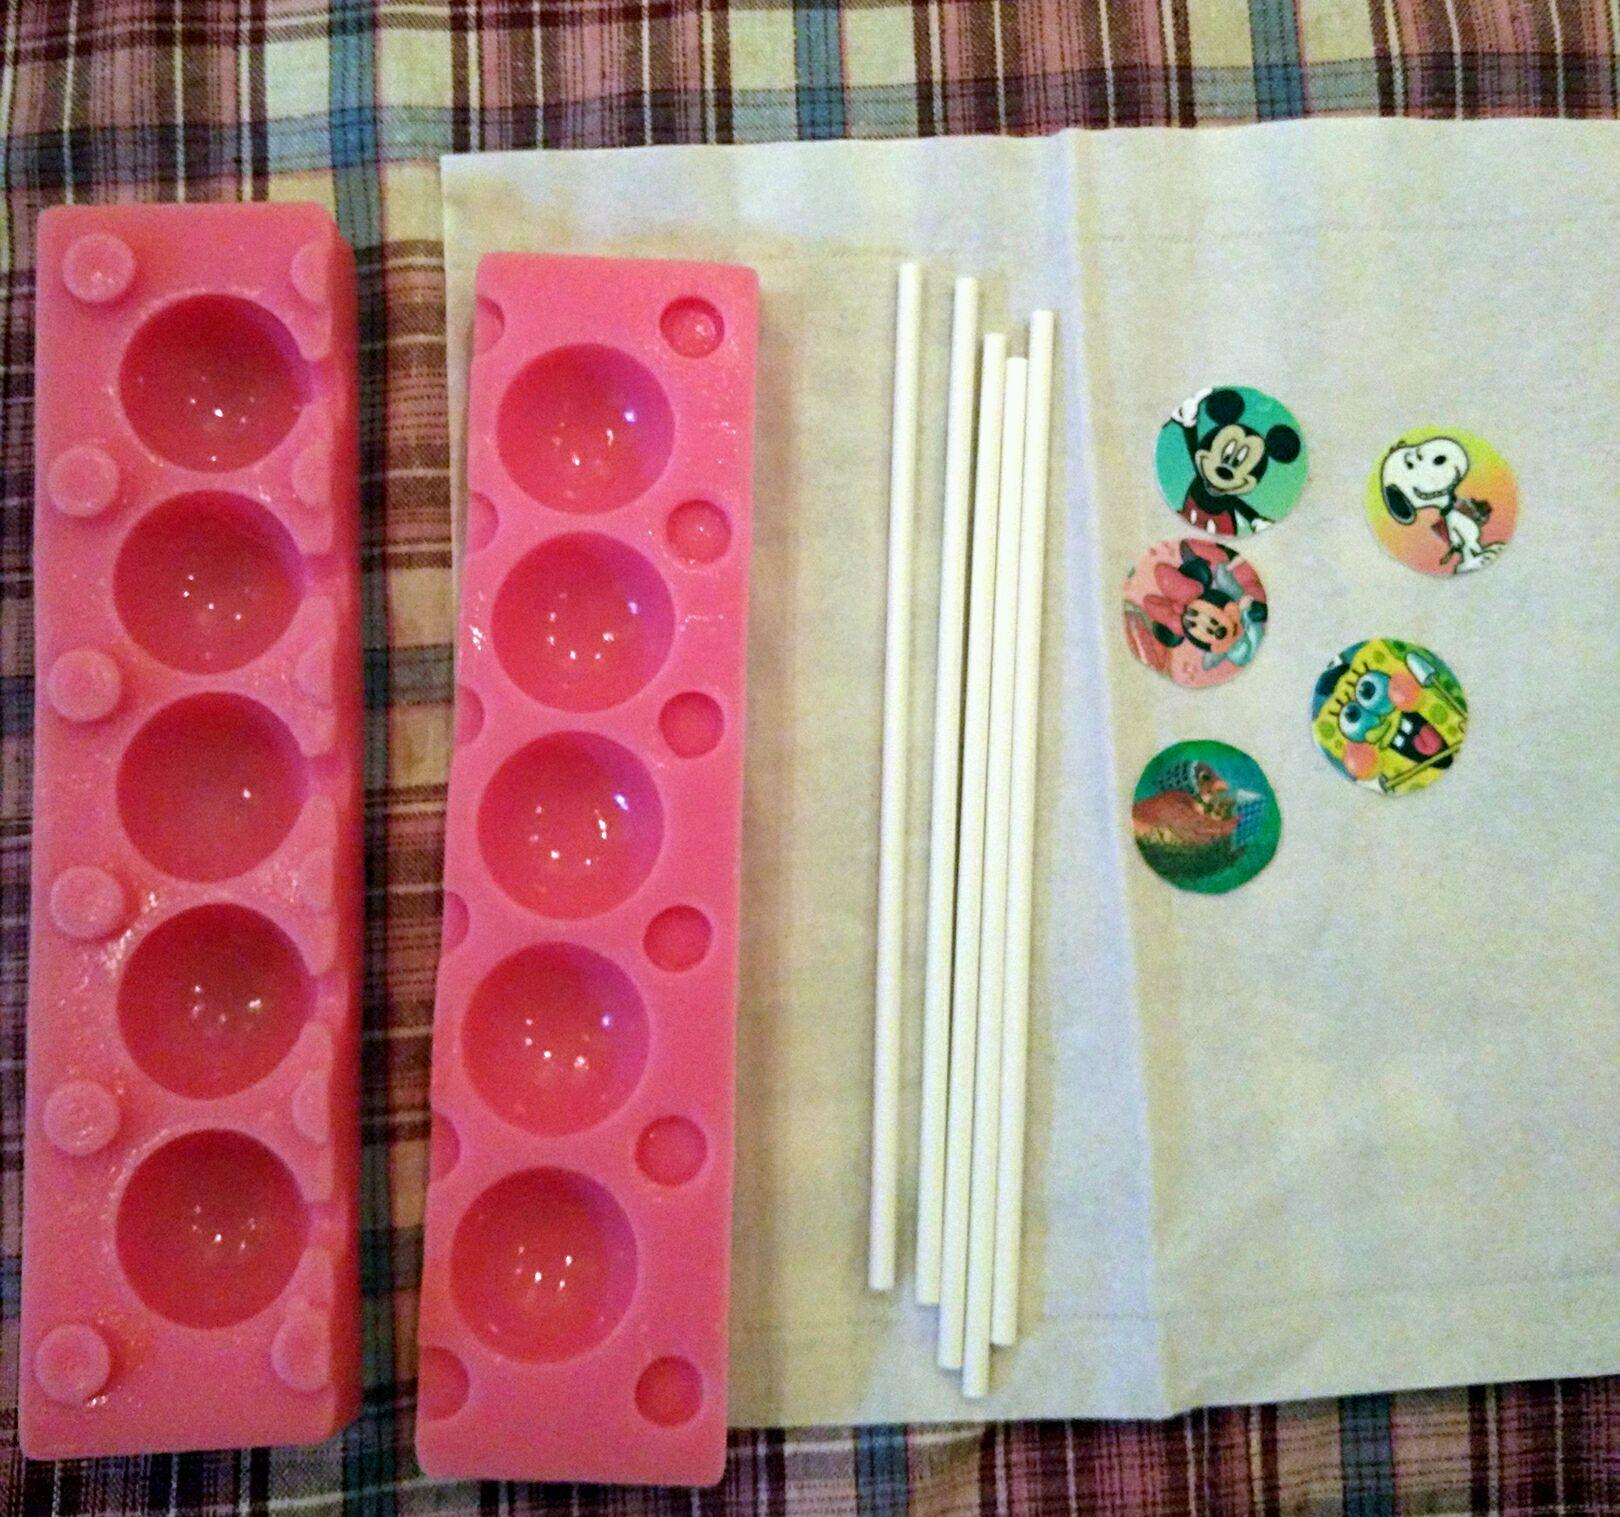 水晶棒棒糖的做法步骤 3.